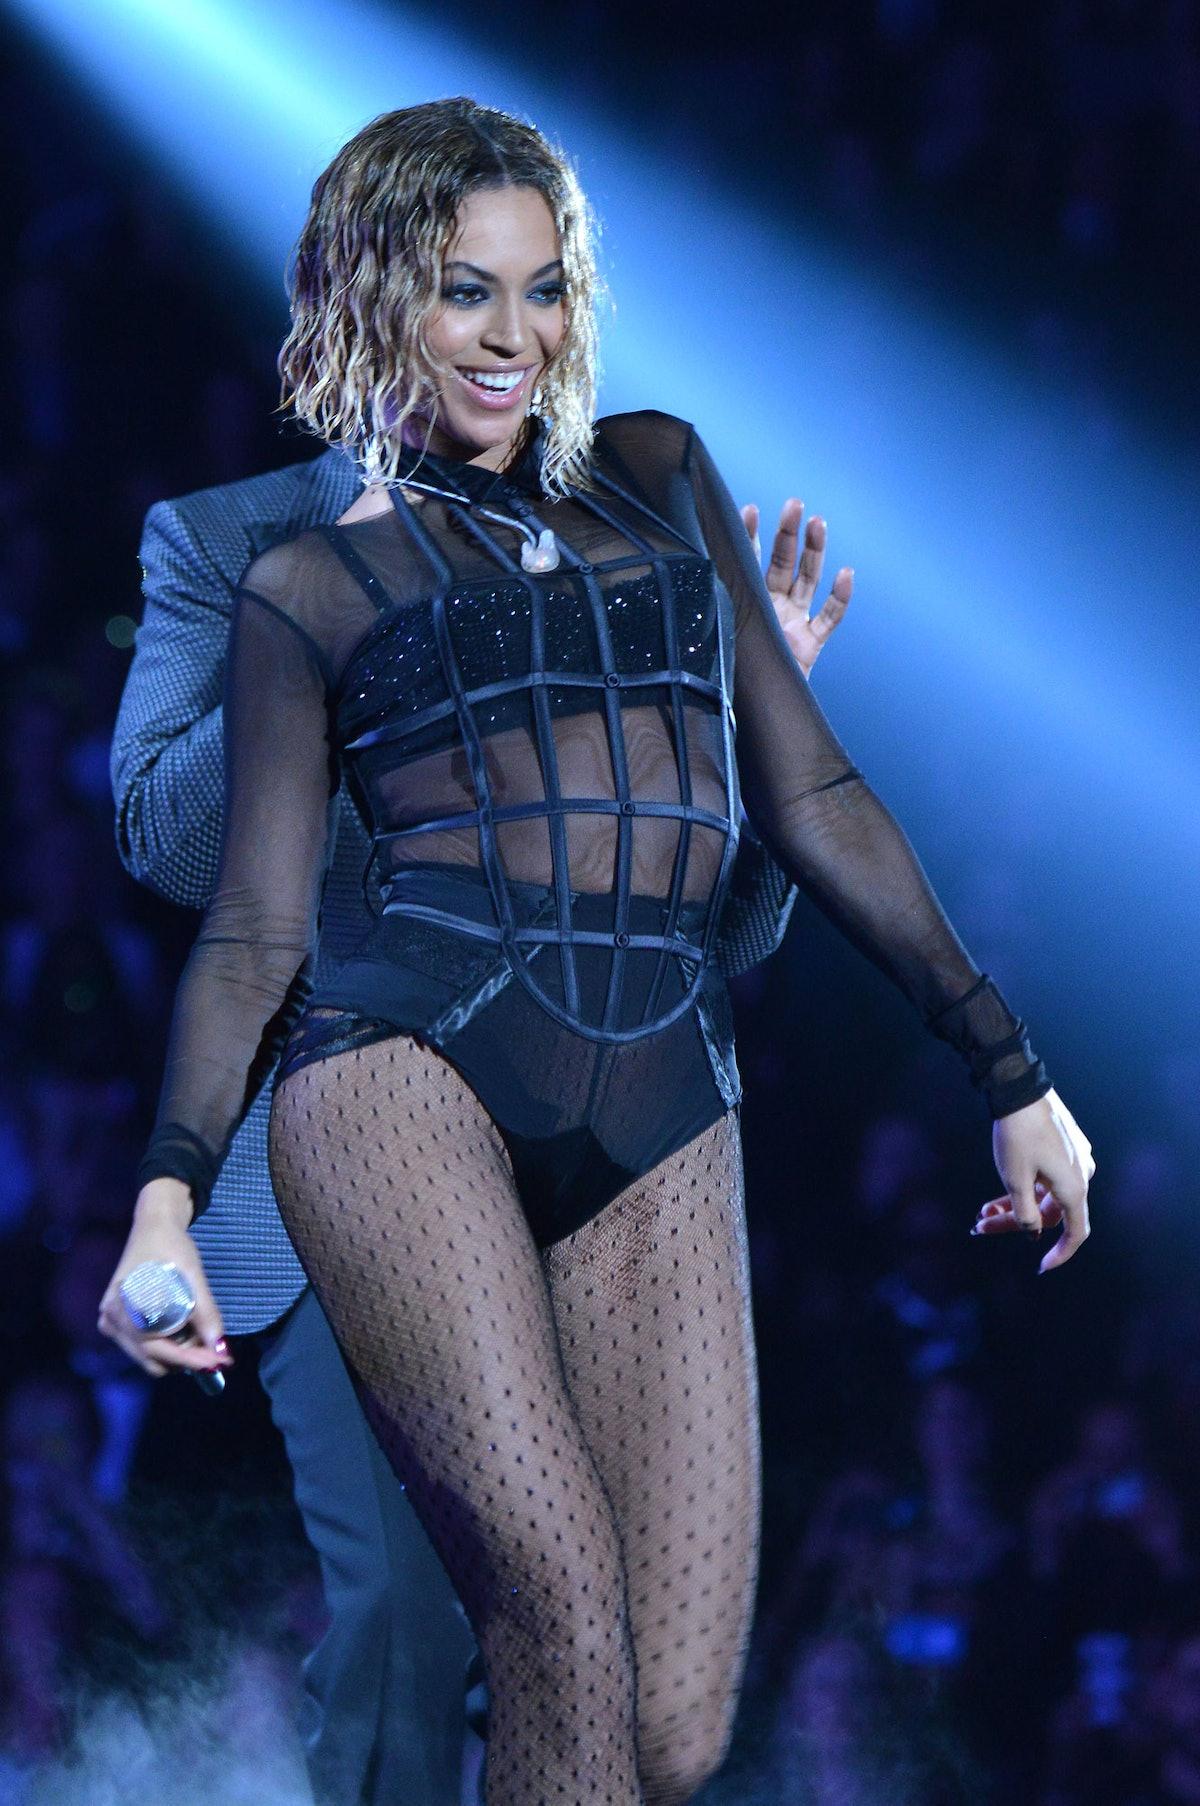 __[Beyoncé](http://www.wmagazine.com/mood-board/filter?q=^Celebrity|Beyoncé%20Knowles|):__ Until la...